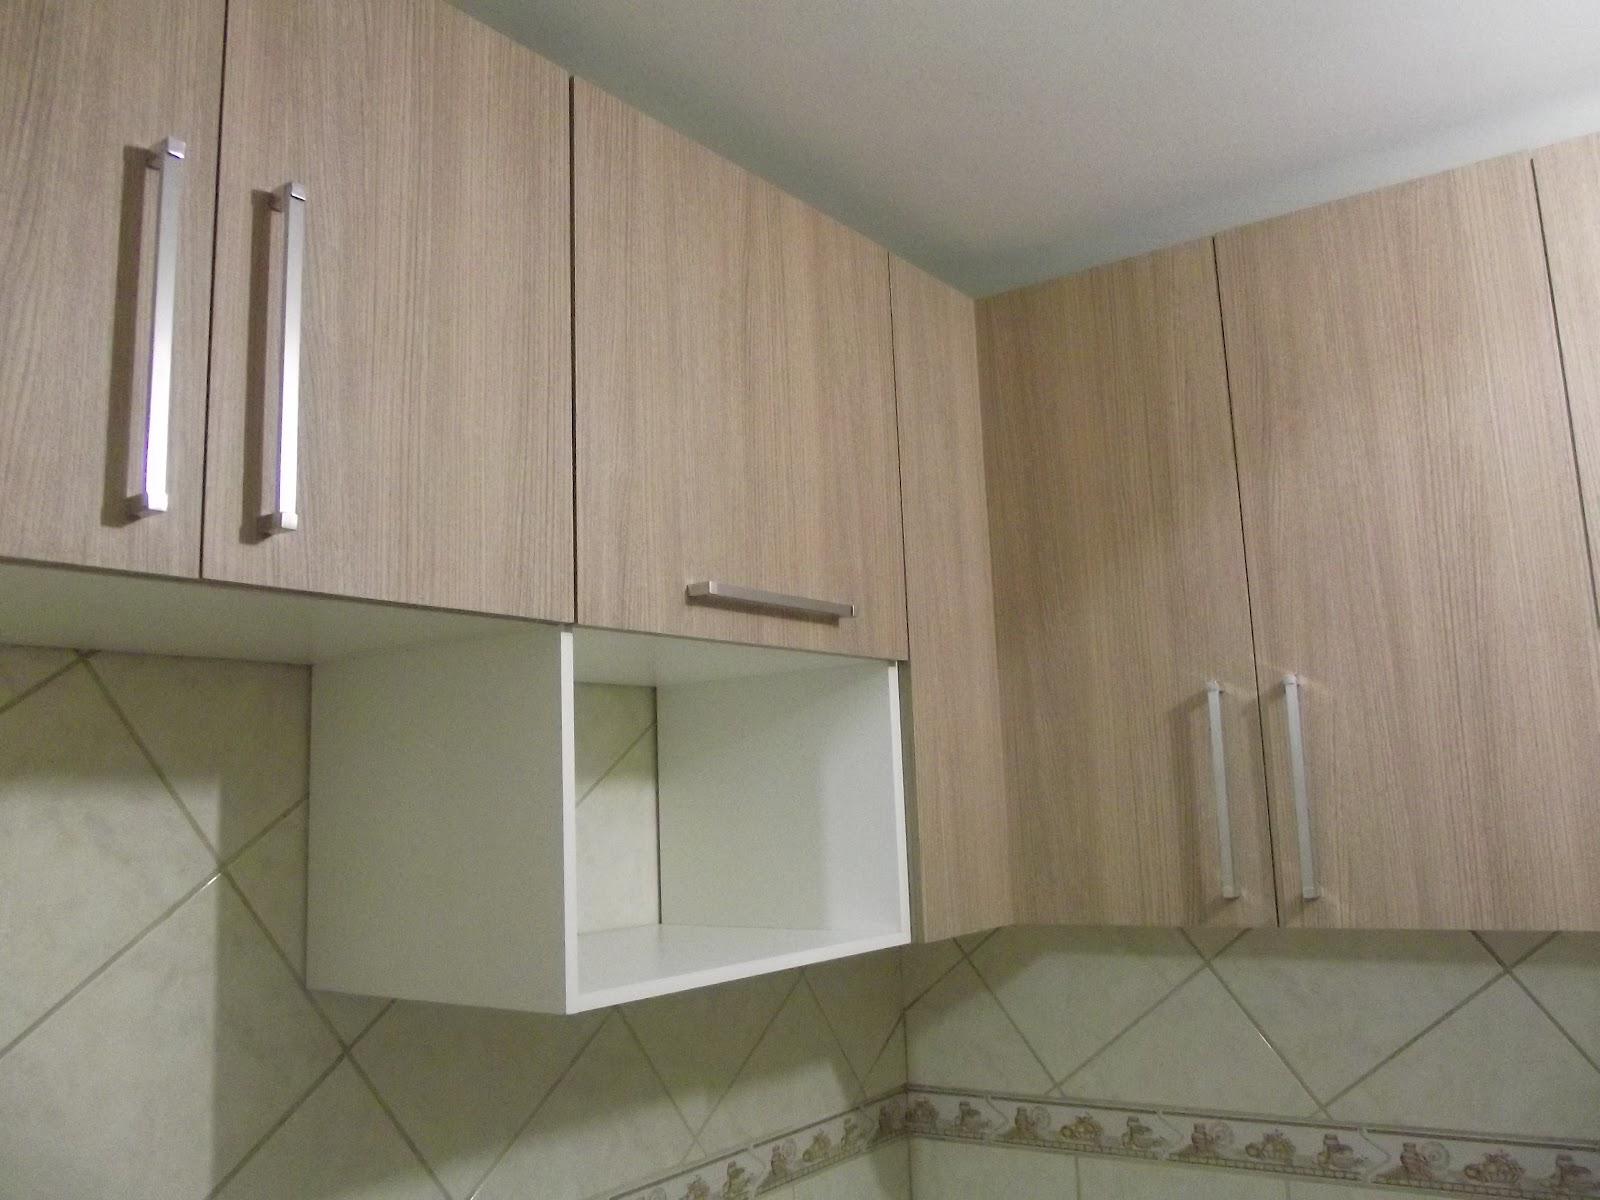 Another Image For Planejados.: Armários de cozinhas planejados #504A36 1600 1200